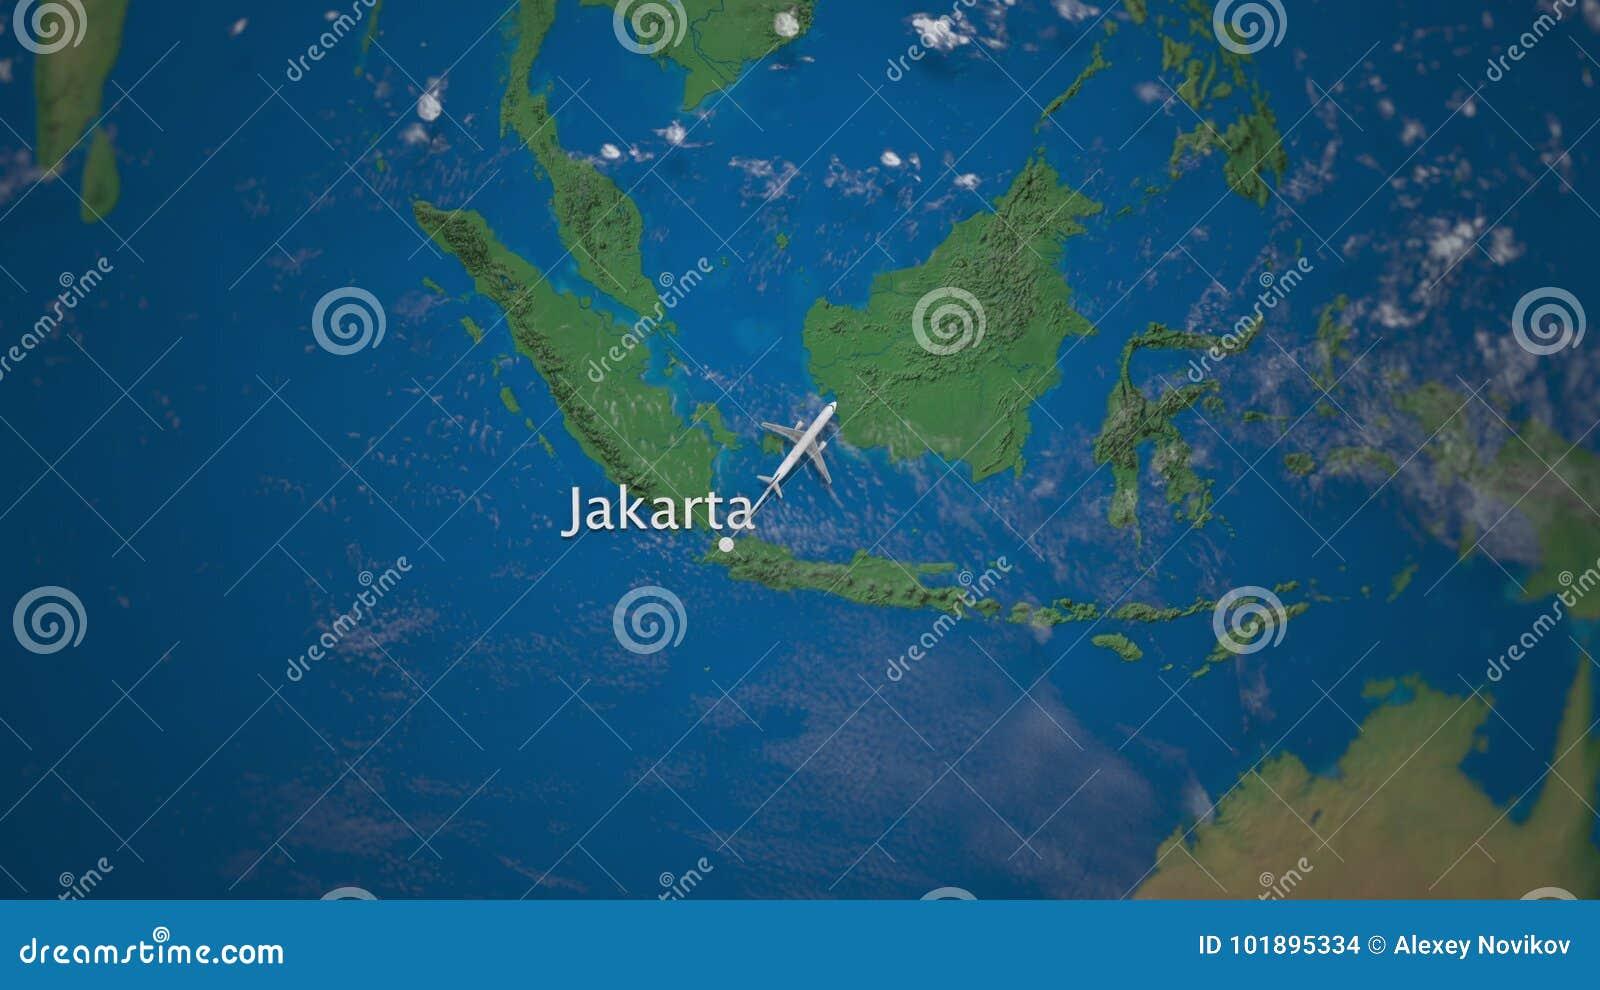 Rota do voo comercial do avião de Jakarta ao Tóquio no globo da terra Animação internacional da introdução da viagem